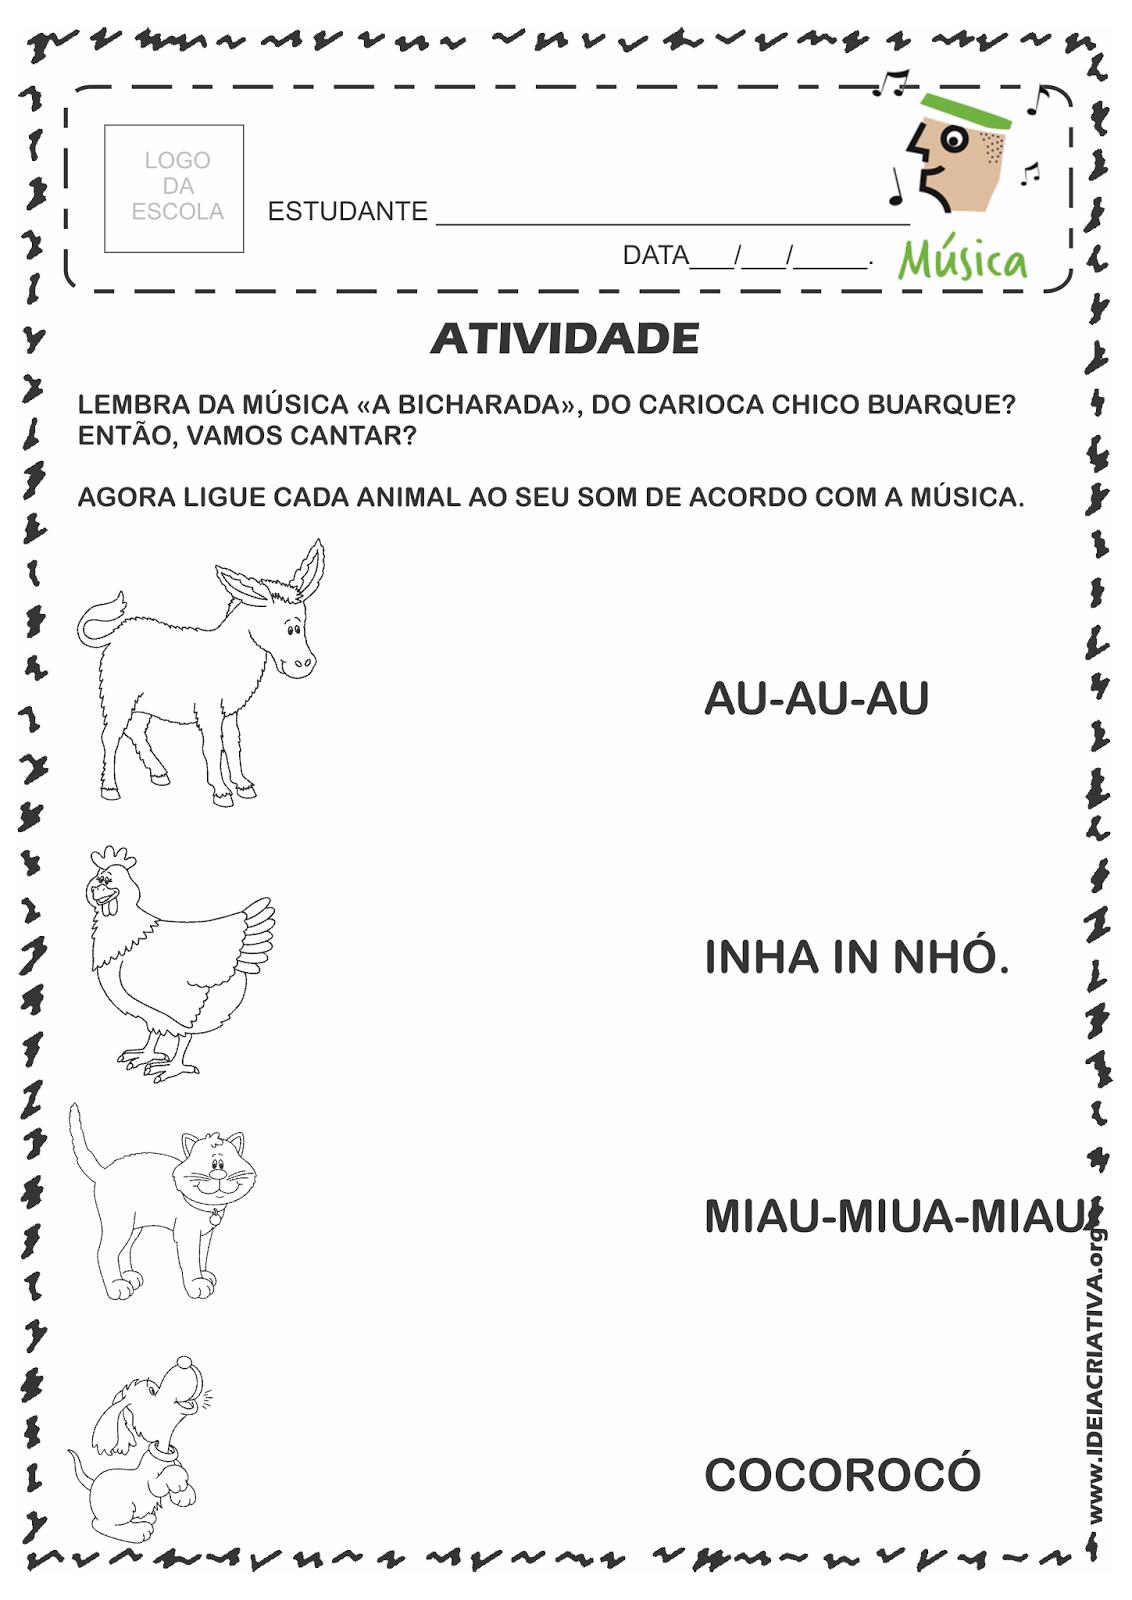 Atividade Rio 450 Anos Grandes Compositores Cariocas Chico Buarque ...